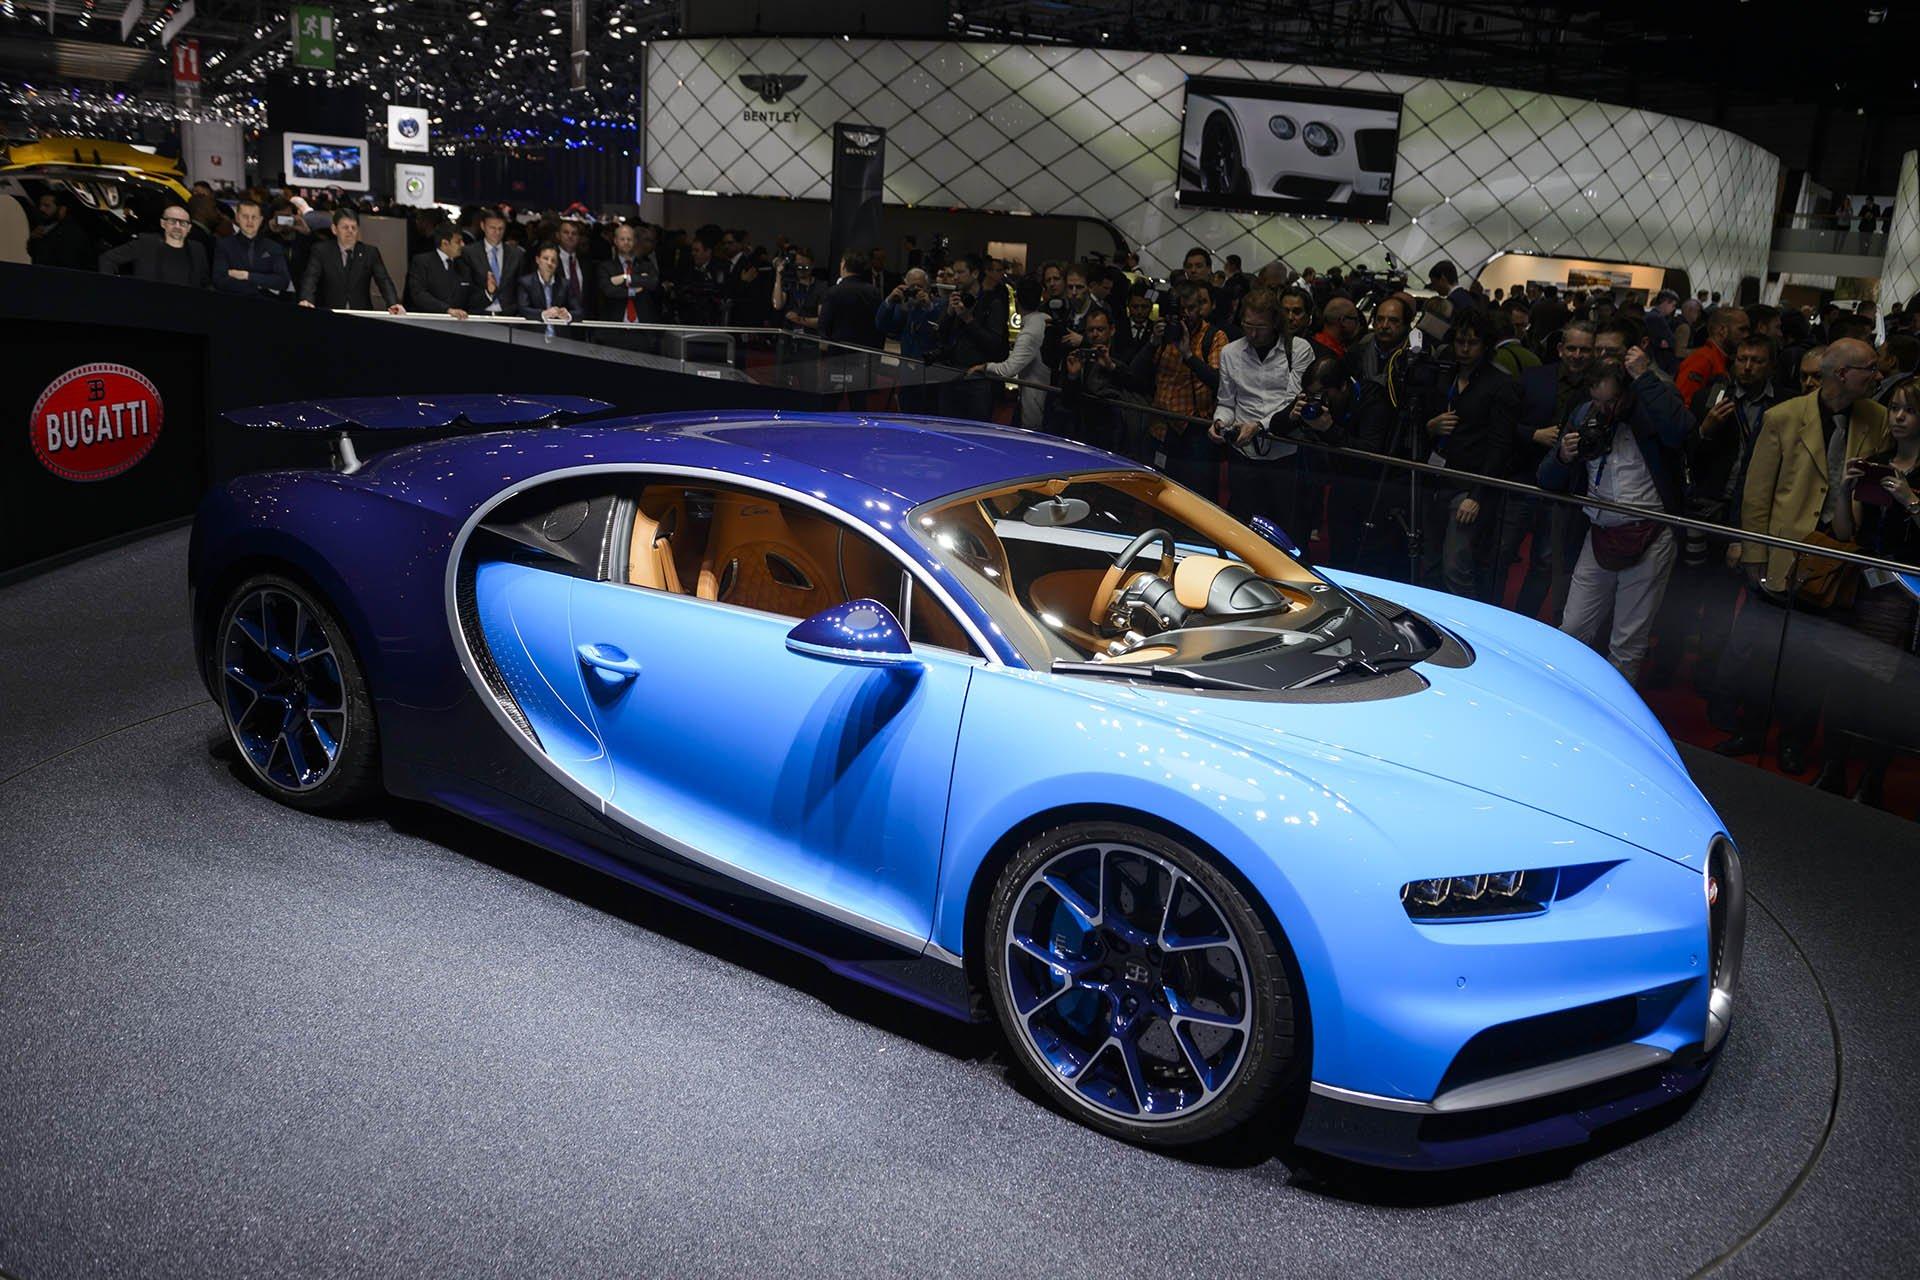 Nuevo Bugatti Chiron, la estrella indiscutible del Salón del Automóvil de Ginebra 2016.